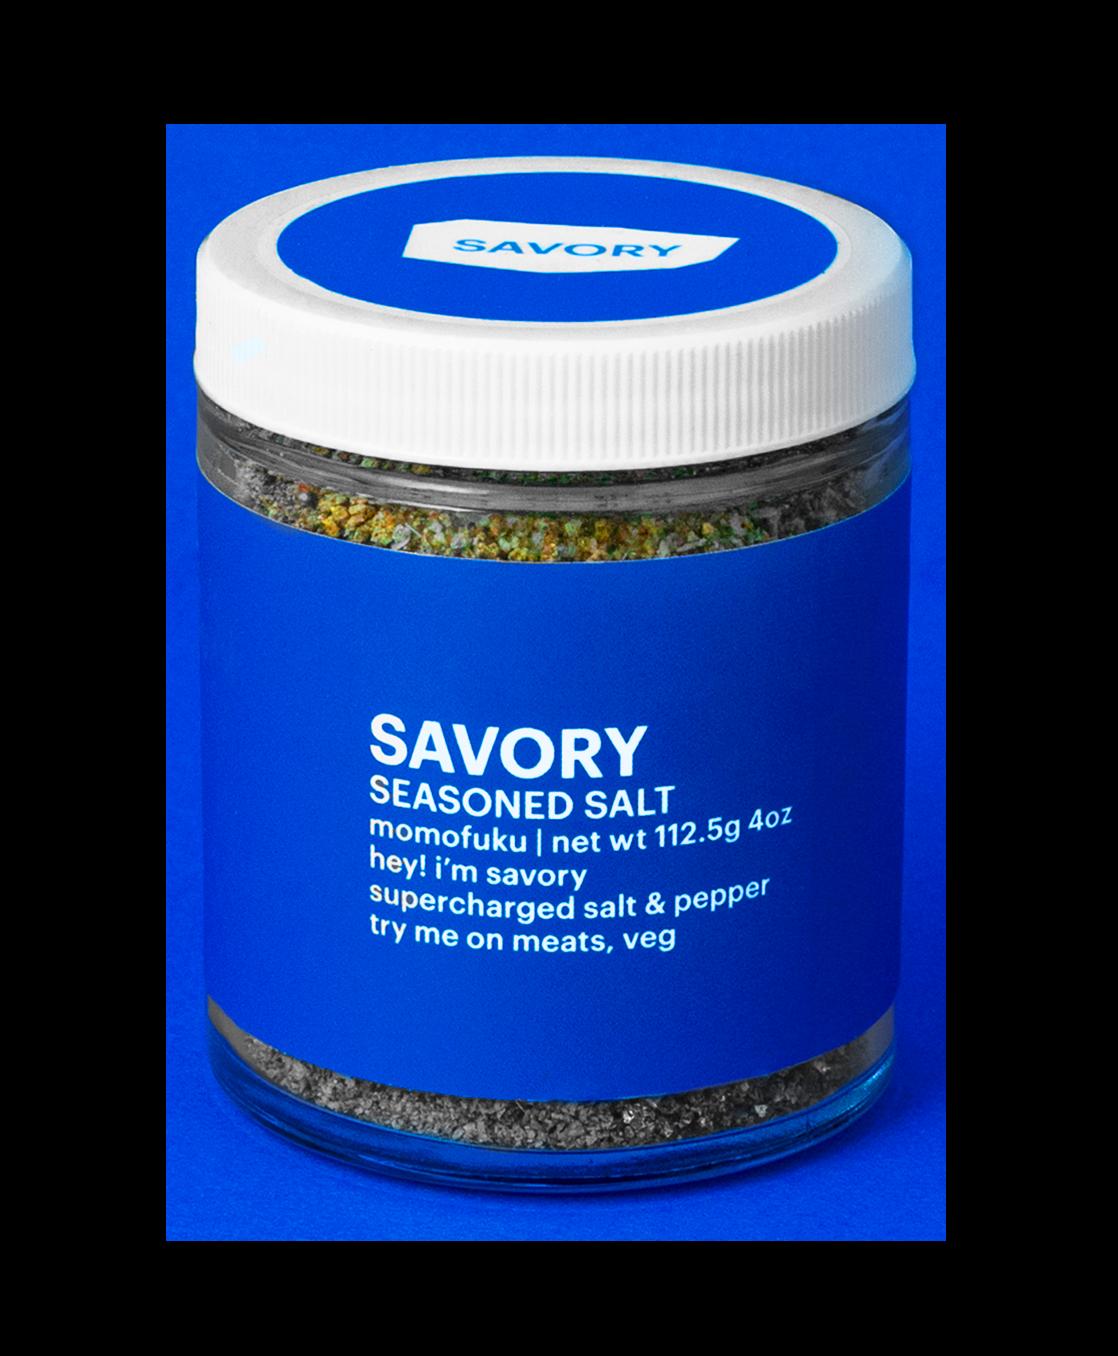 savory seasoned salt